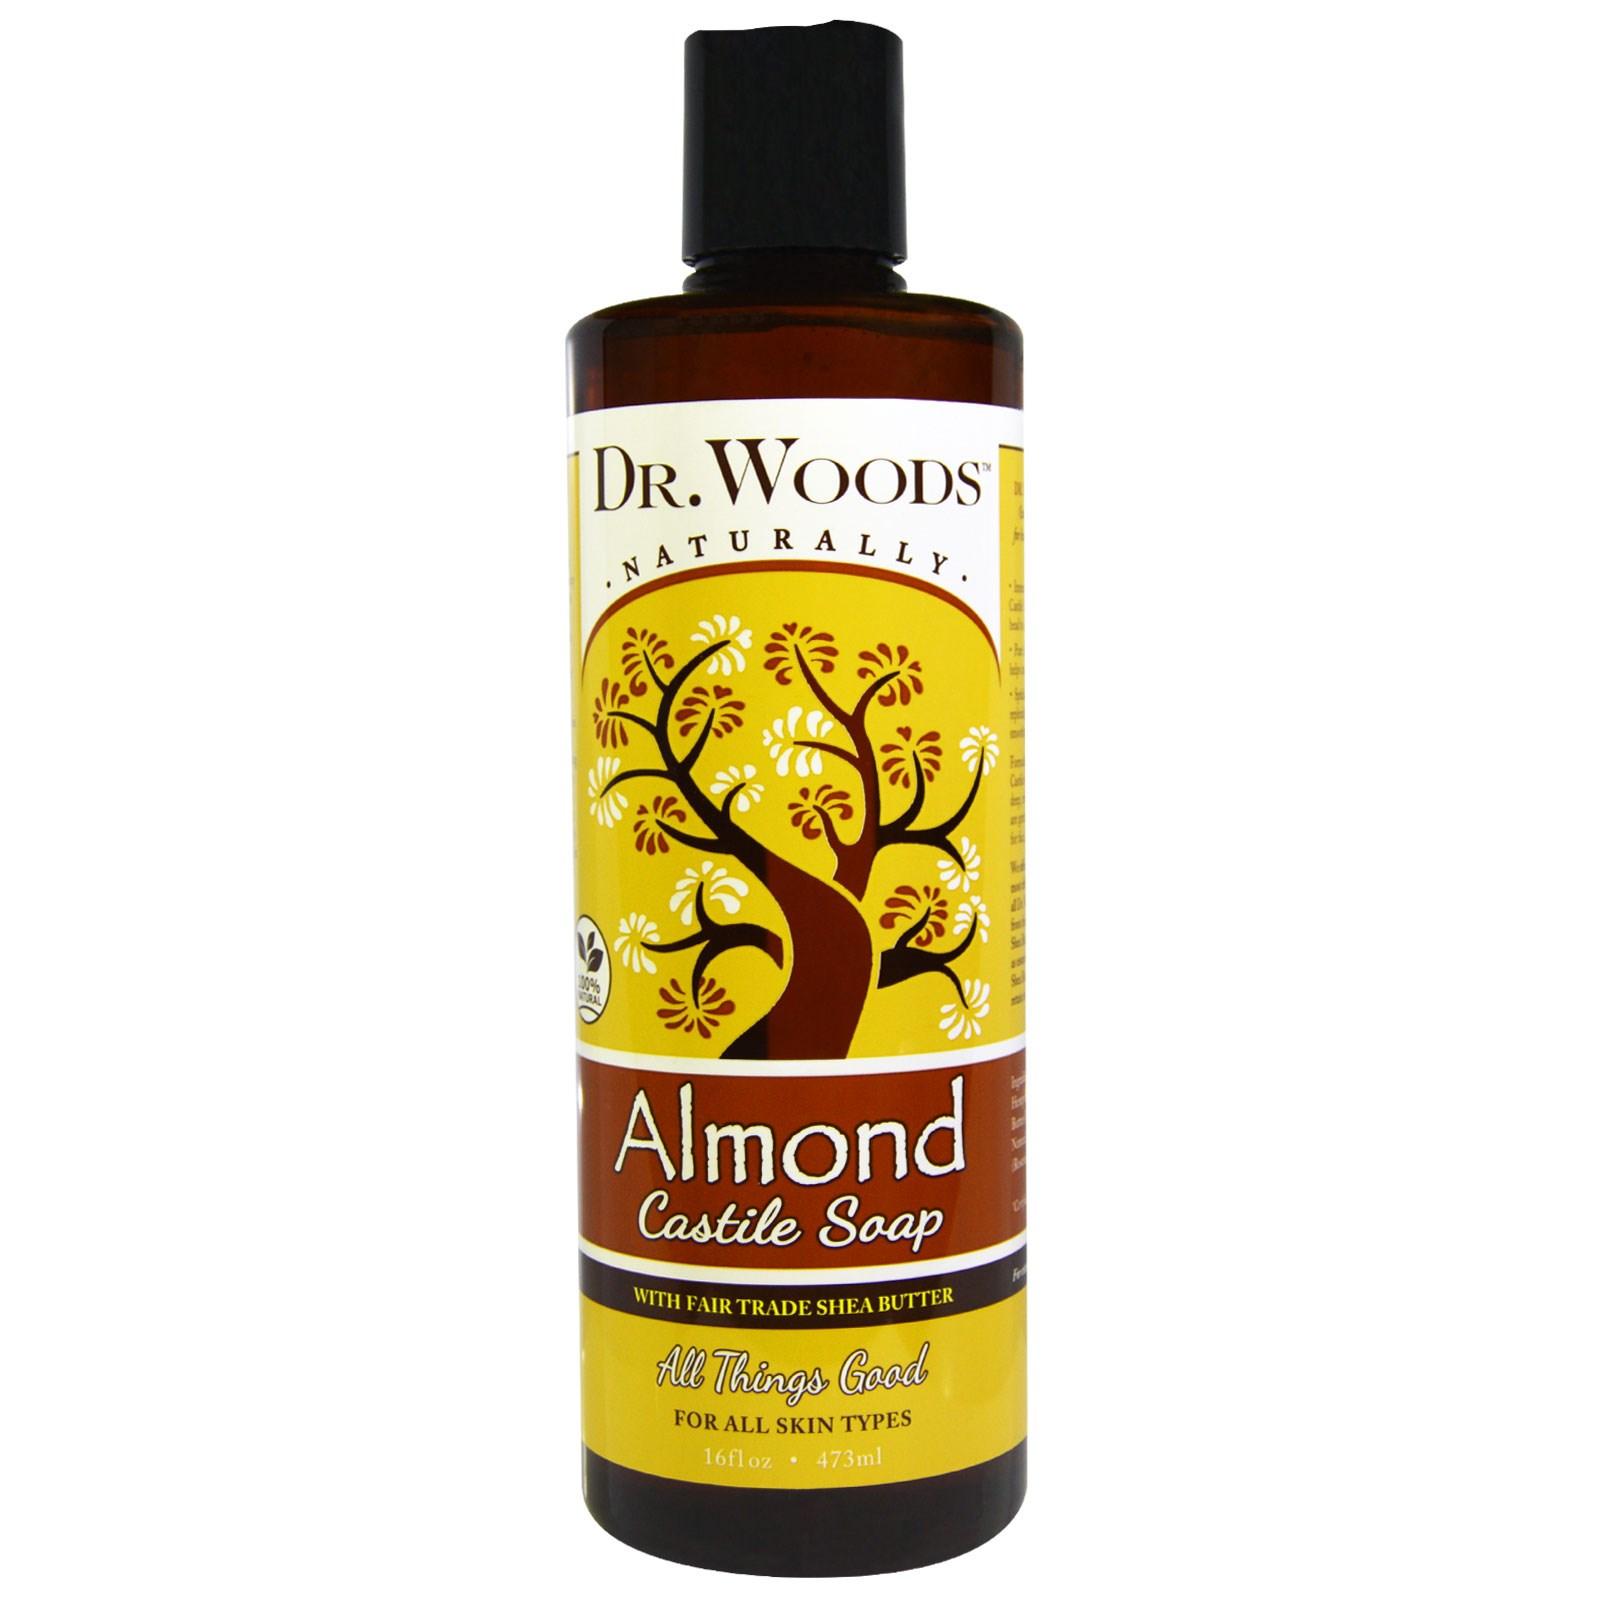 Dr. Woods, Миндальное кастильское мыло маслом ши, произведенным с соблюдением принципов справедливой торговли, 16 жидких унций (473 мл)